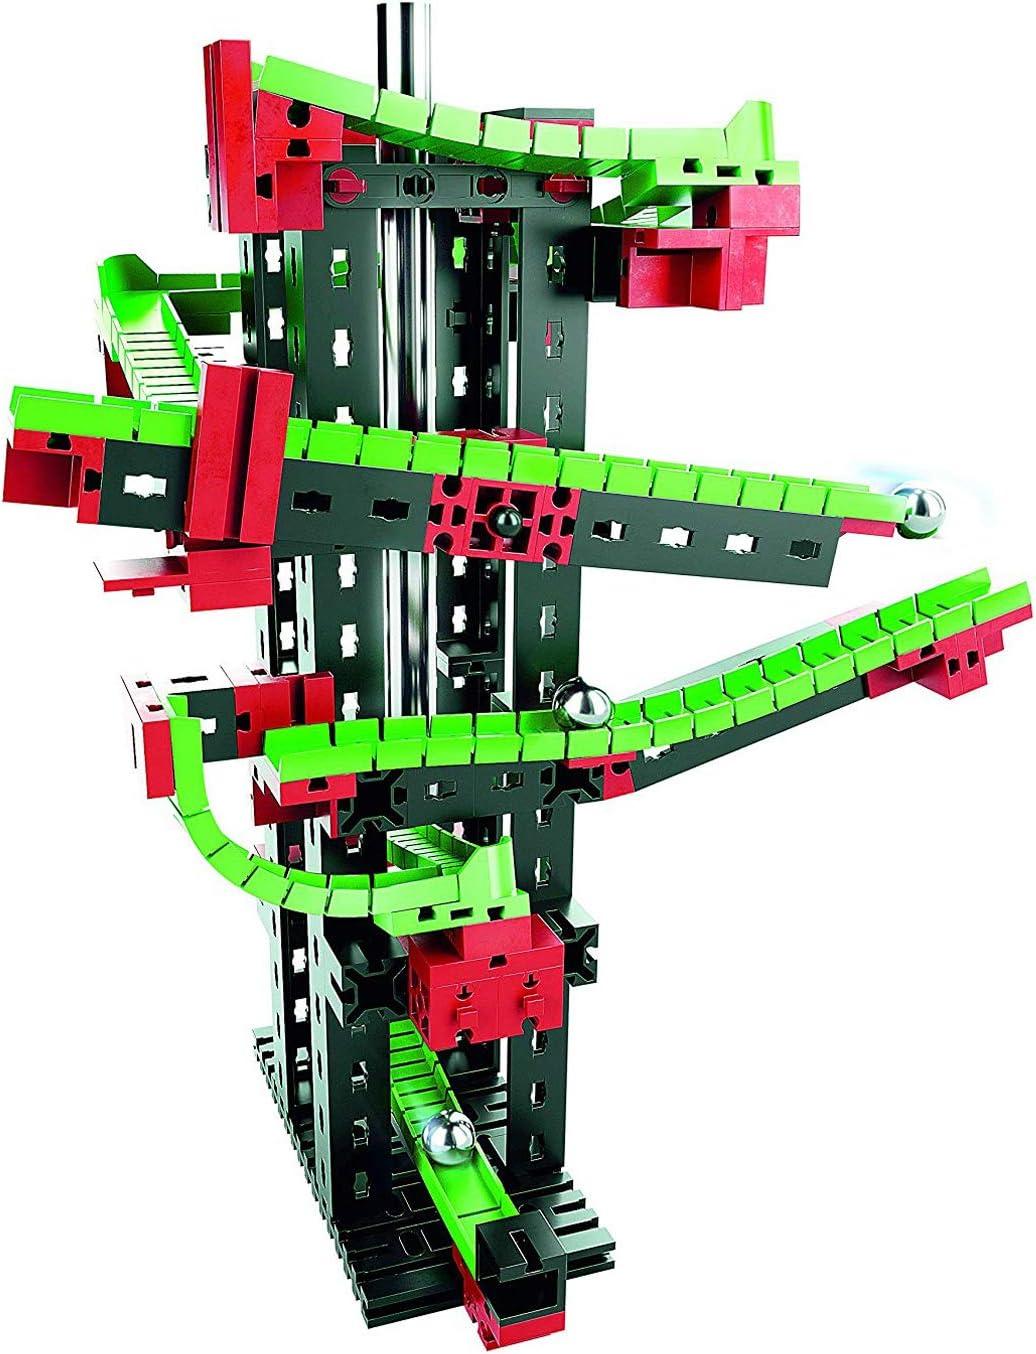 Fischertechnik Dynamic S – Juego Educativo y Divertido de Construcción de Circuitos de Canicas, 140 Piezas